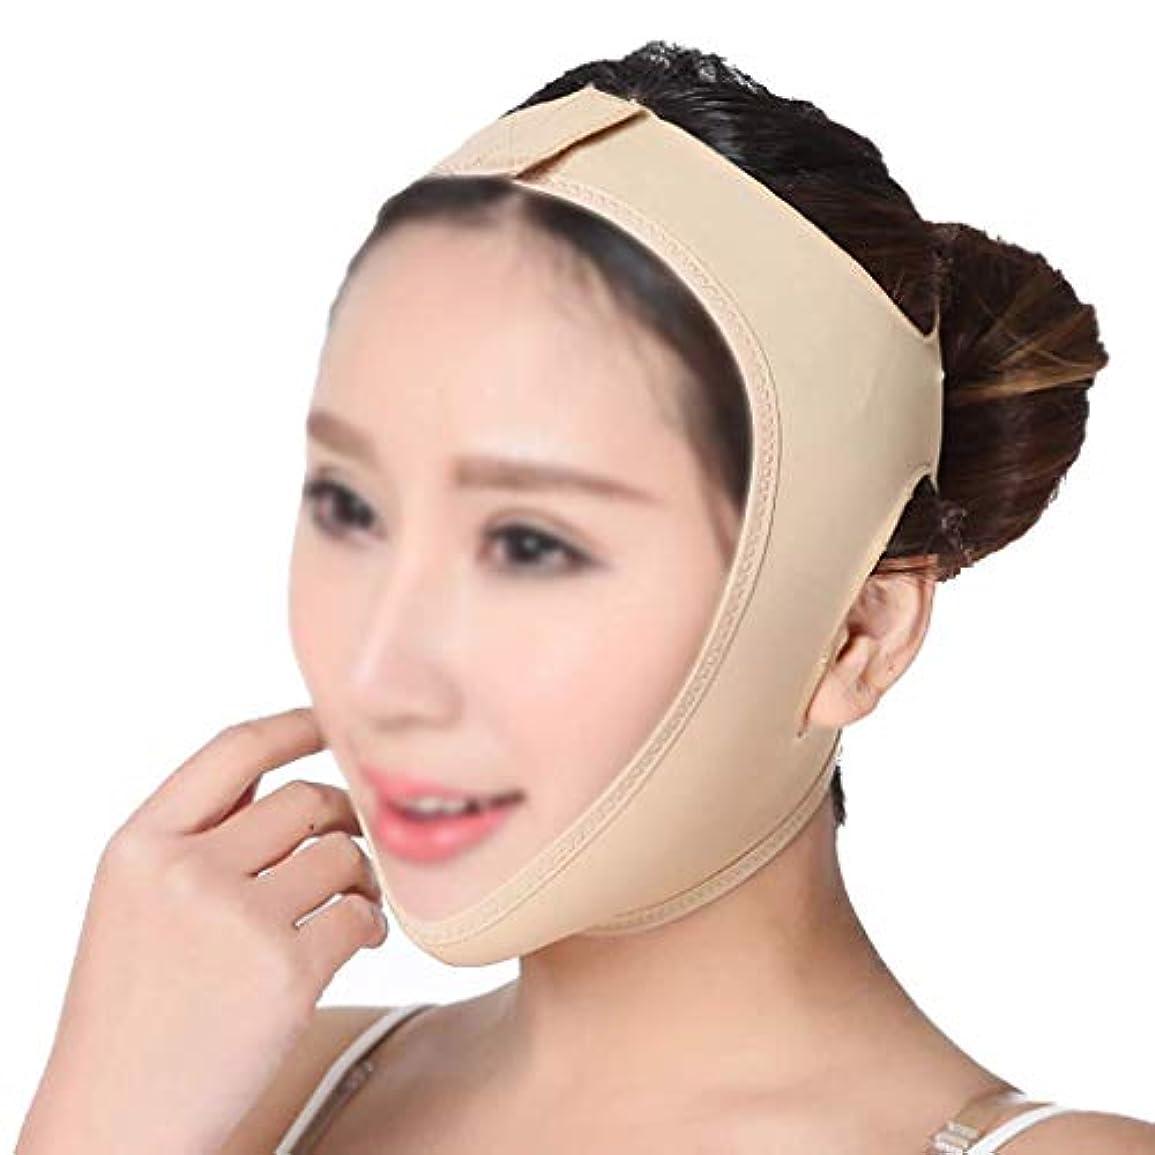 テンポ朝ごはんホステスフェイスリフティングマスク、リフティングチン、フェイシャルスキン、頬垂れ防止、快適で 生地、詰まることを拒否、着用が簡単(サイズ:M),ザ?